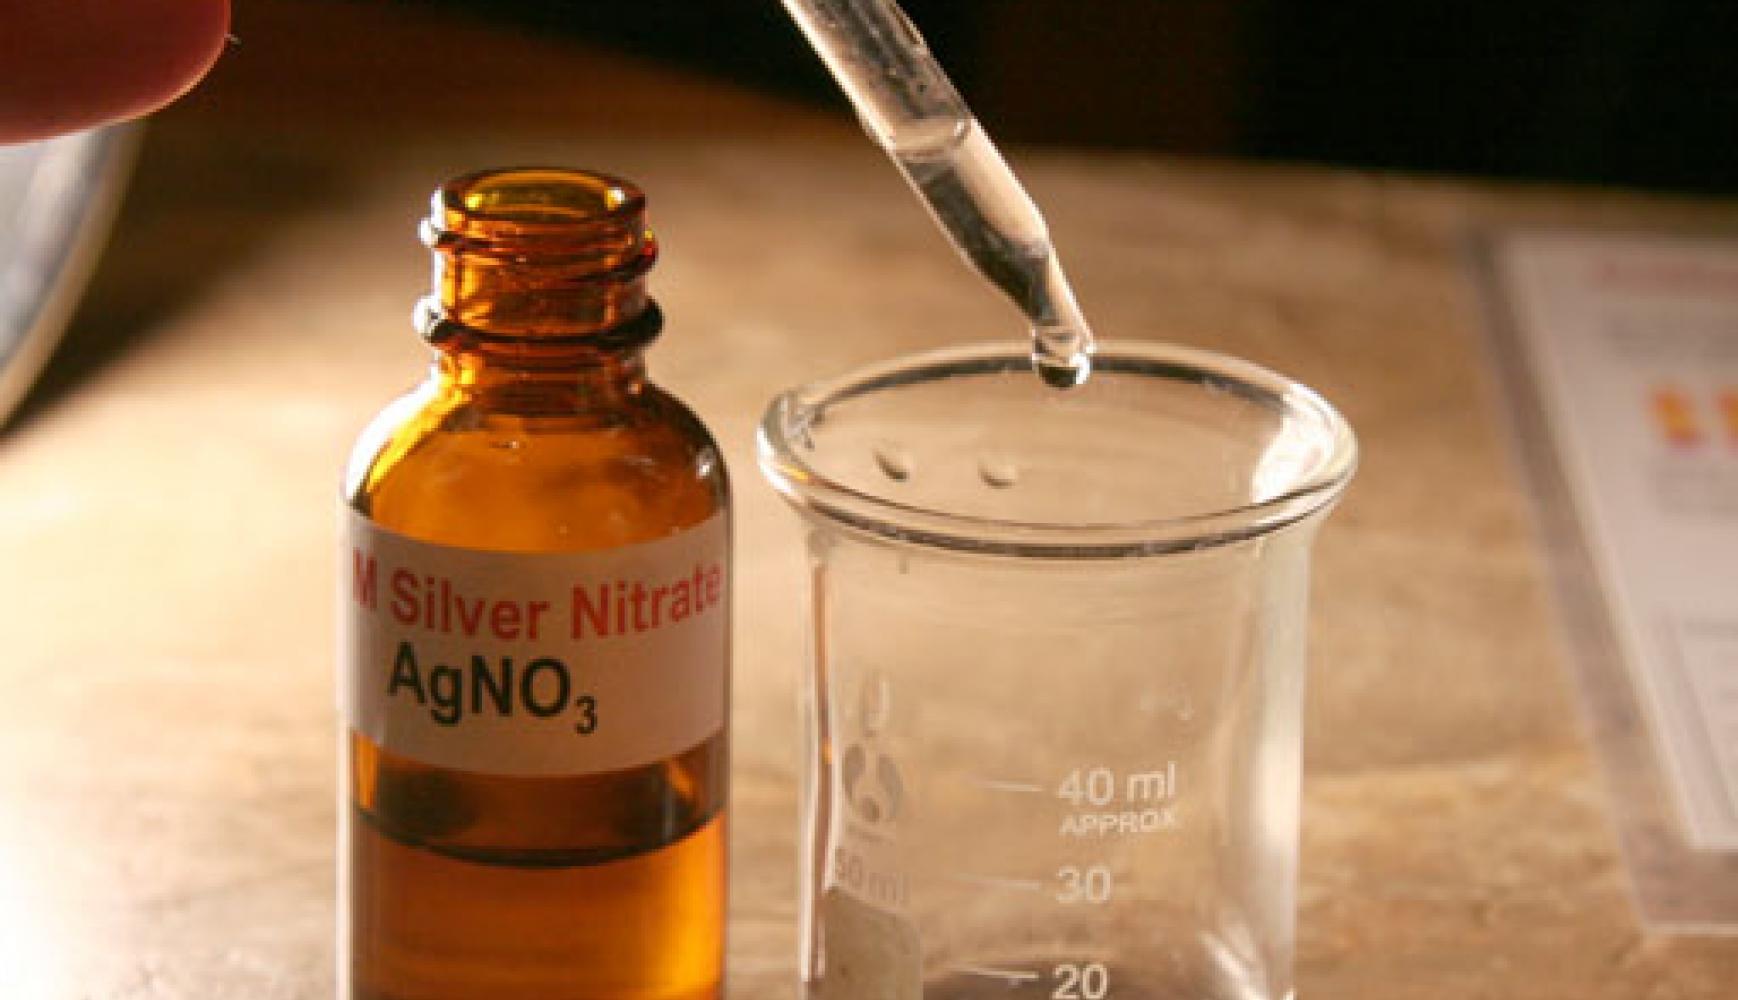 Silver Nitrate Supplier in UAE, Qatar, Saudi Arabia, Oman